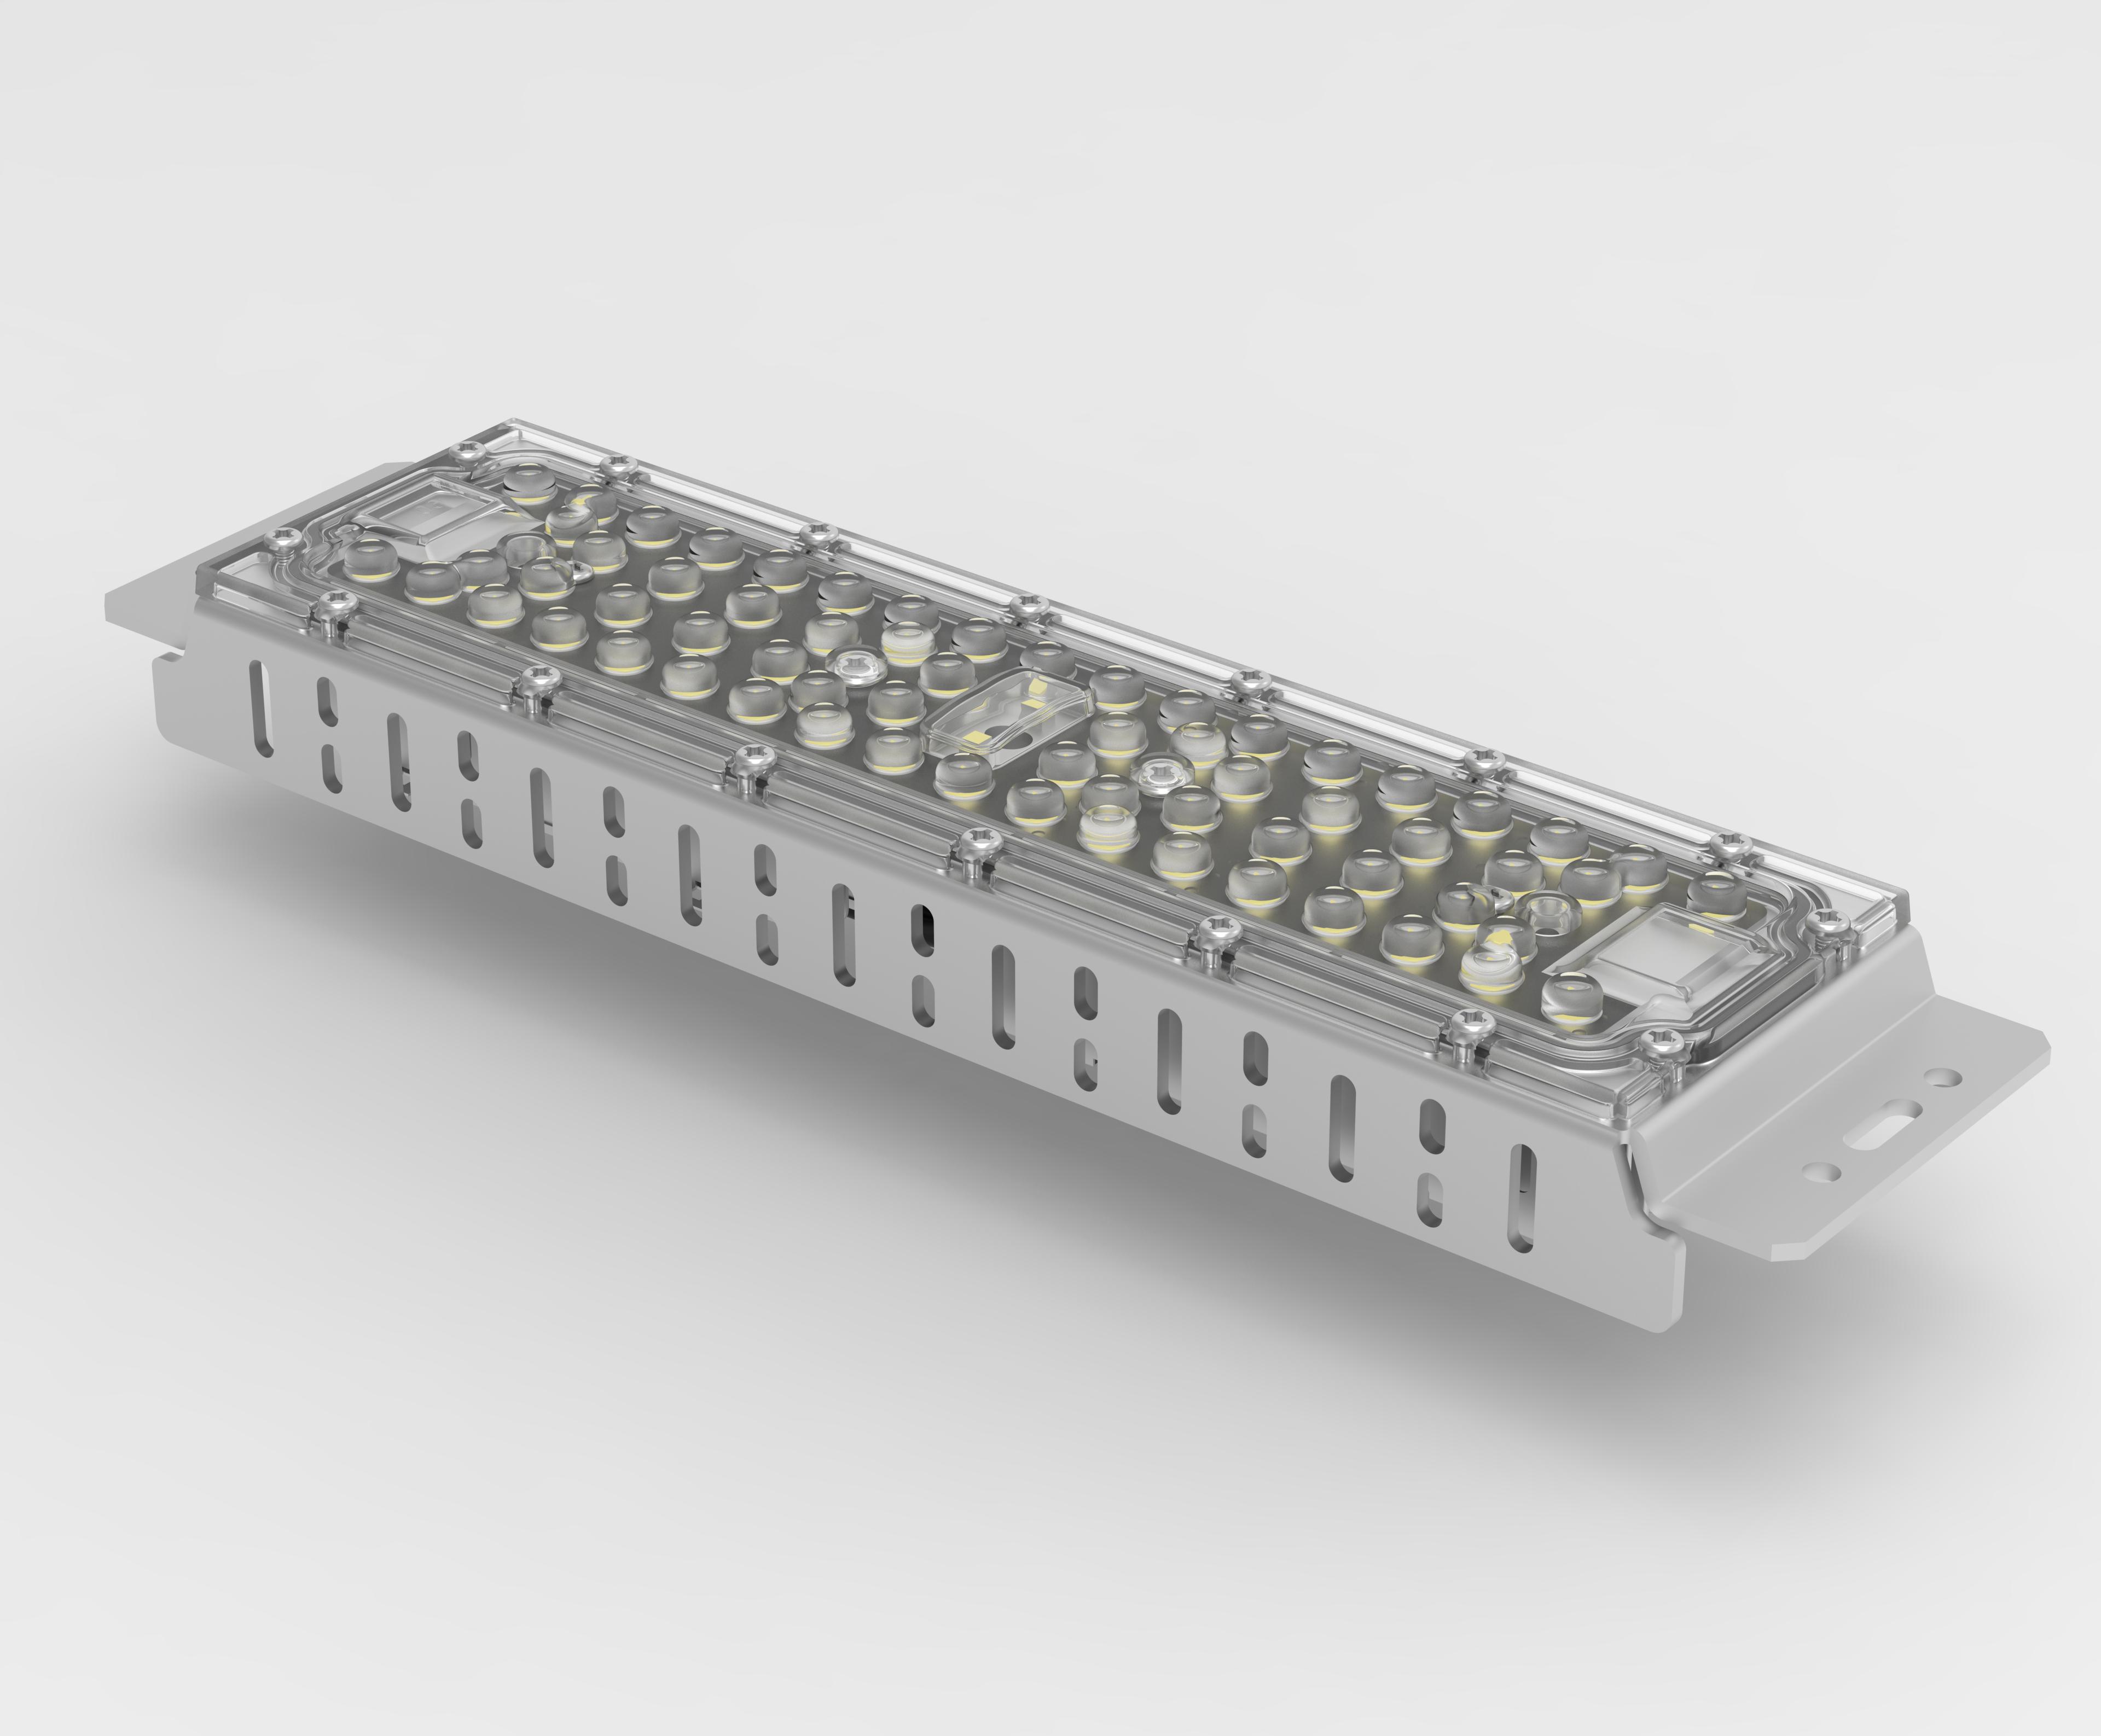 深圳50W模组 50W模组供应商 50W模组厂家 50W模组什么 LED模组厂家直销